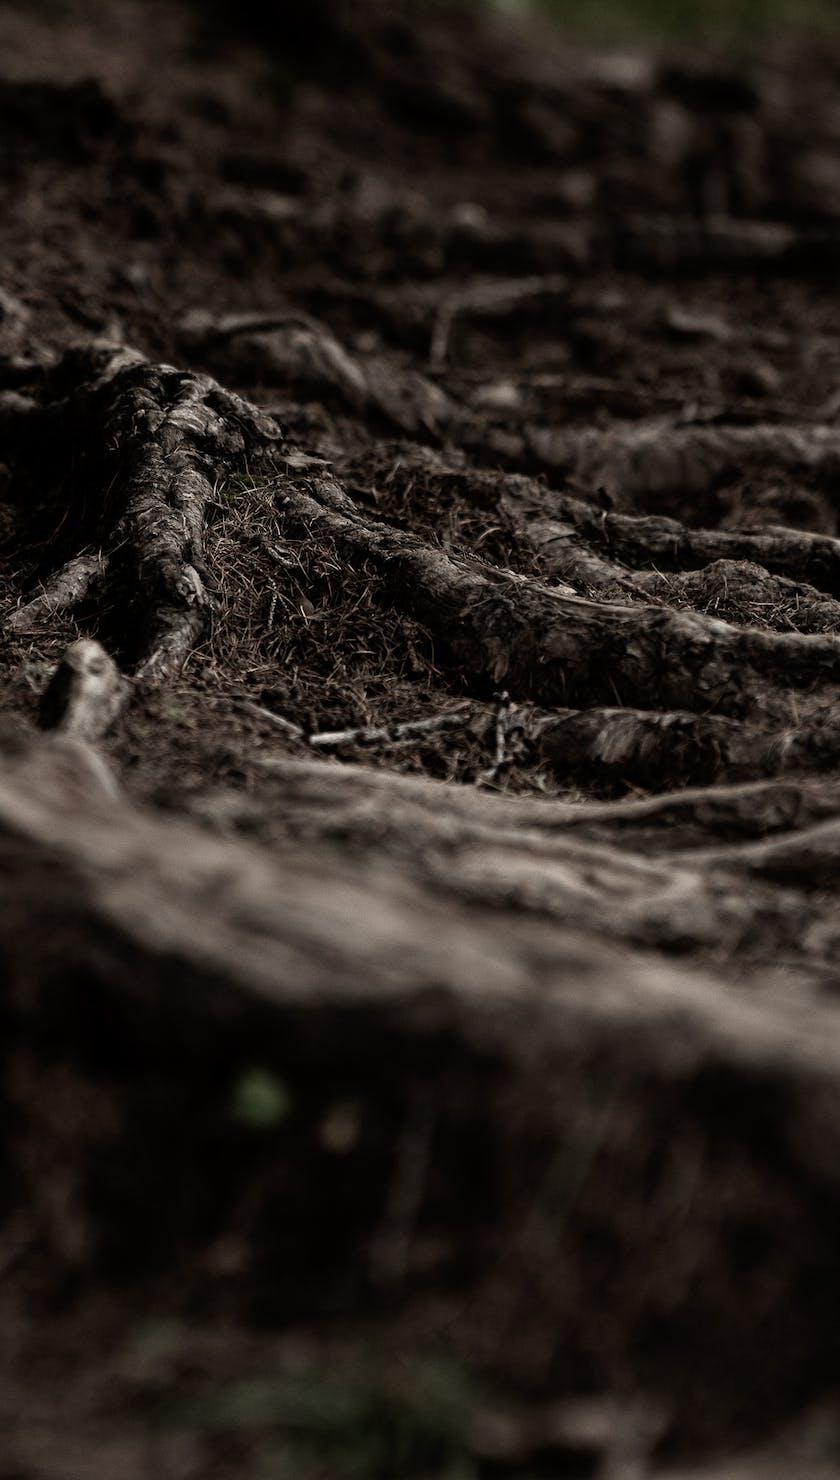 EWS '21 Crans Montana - Roots